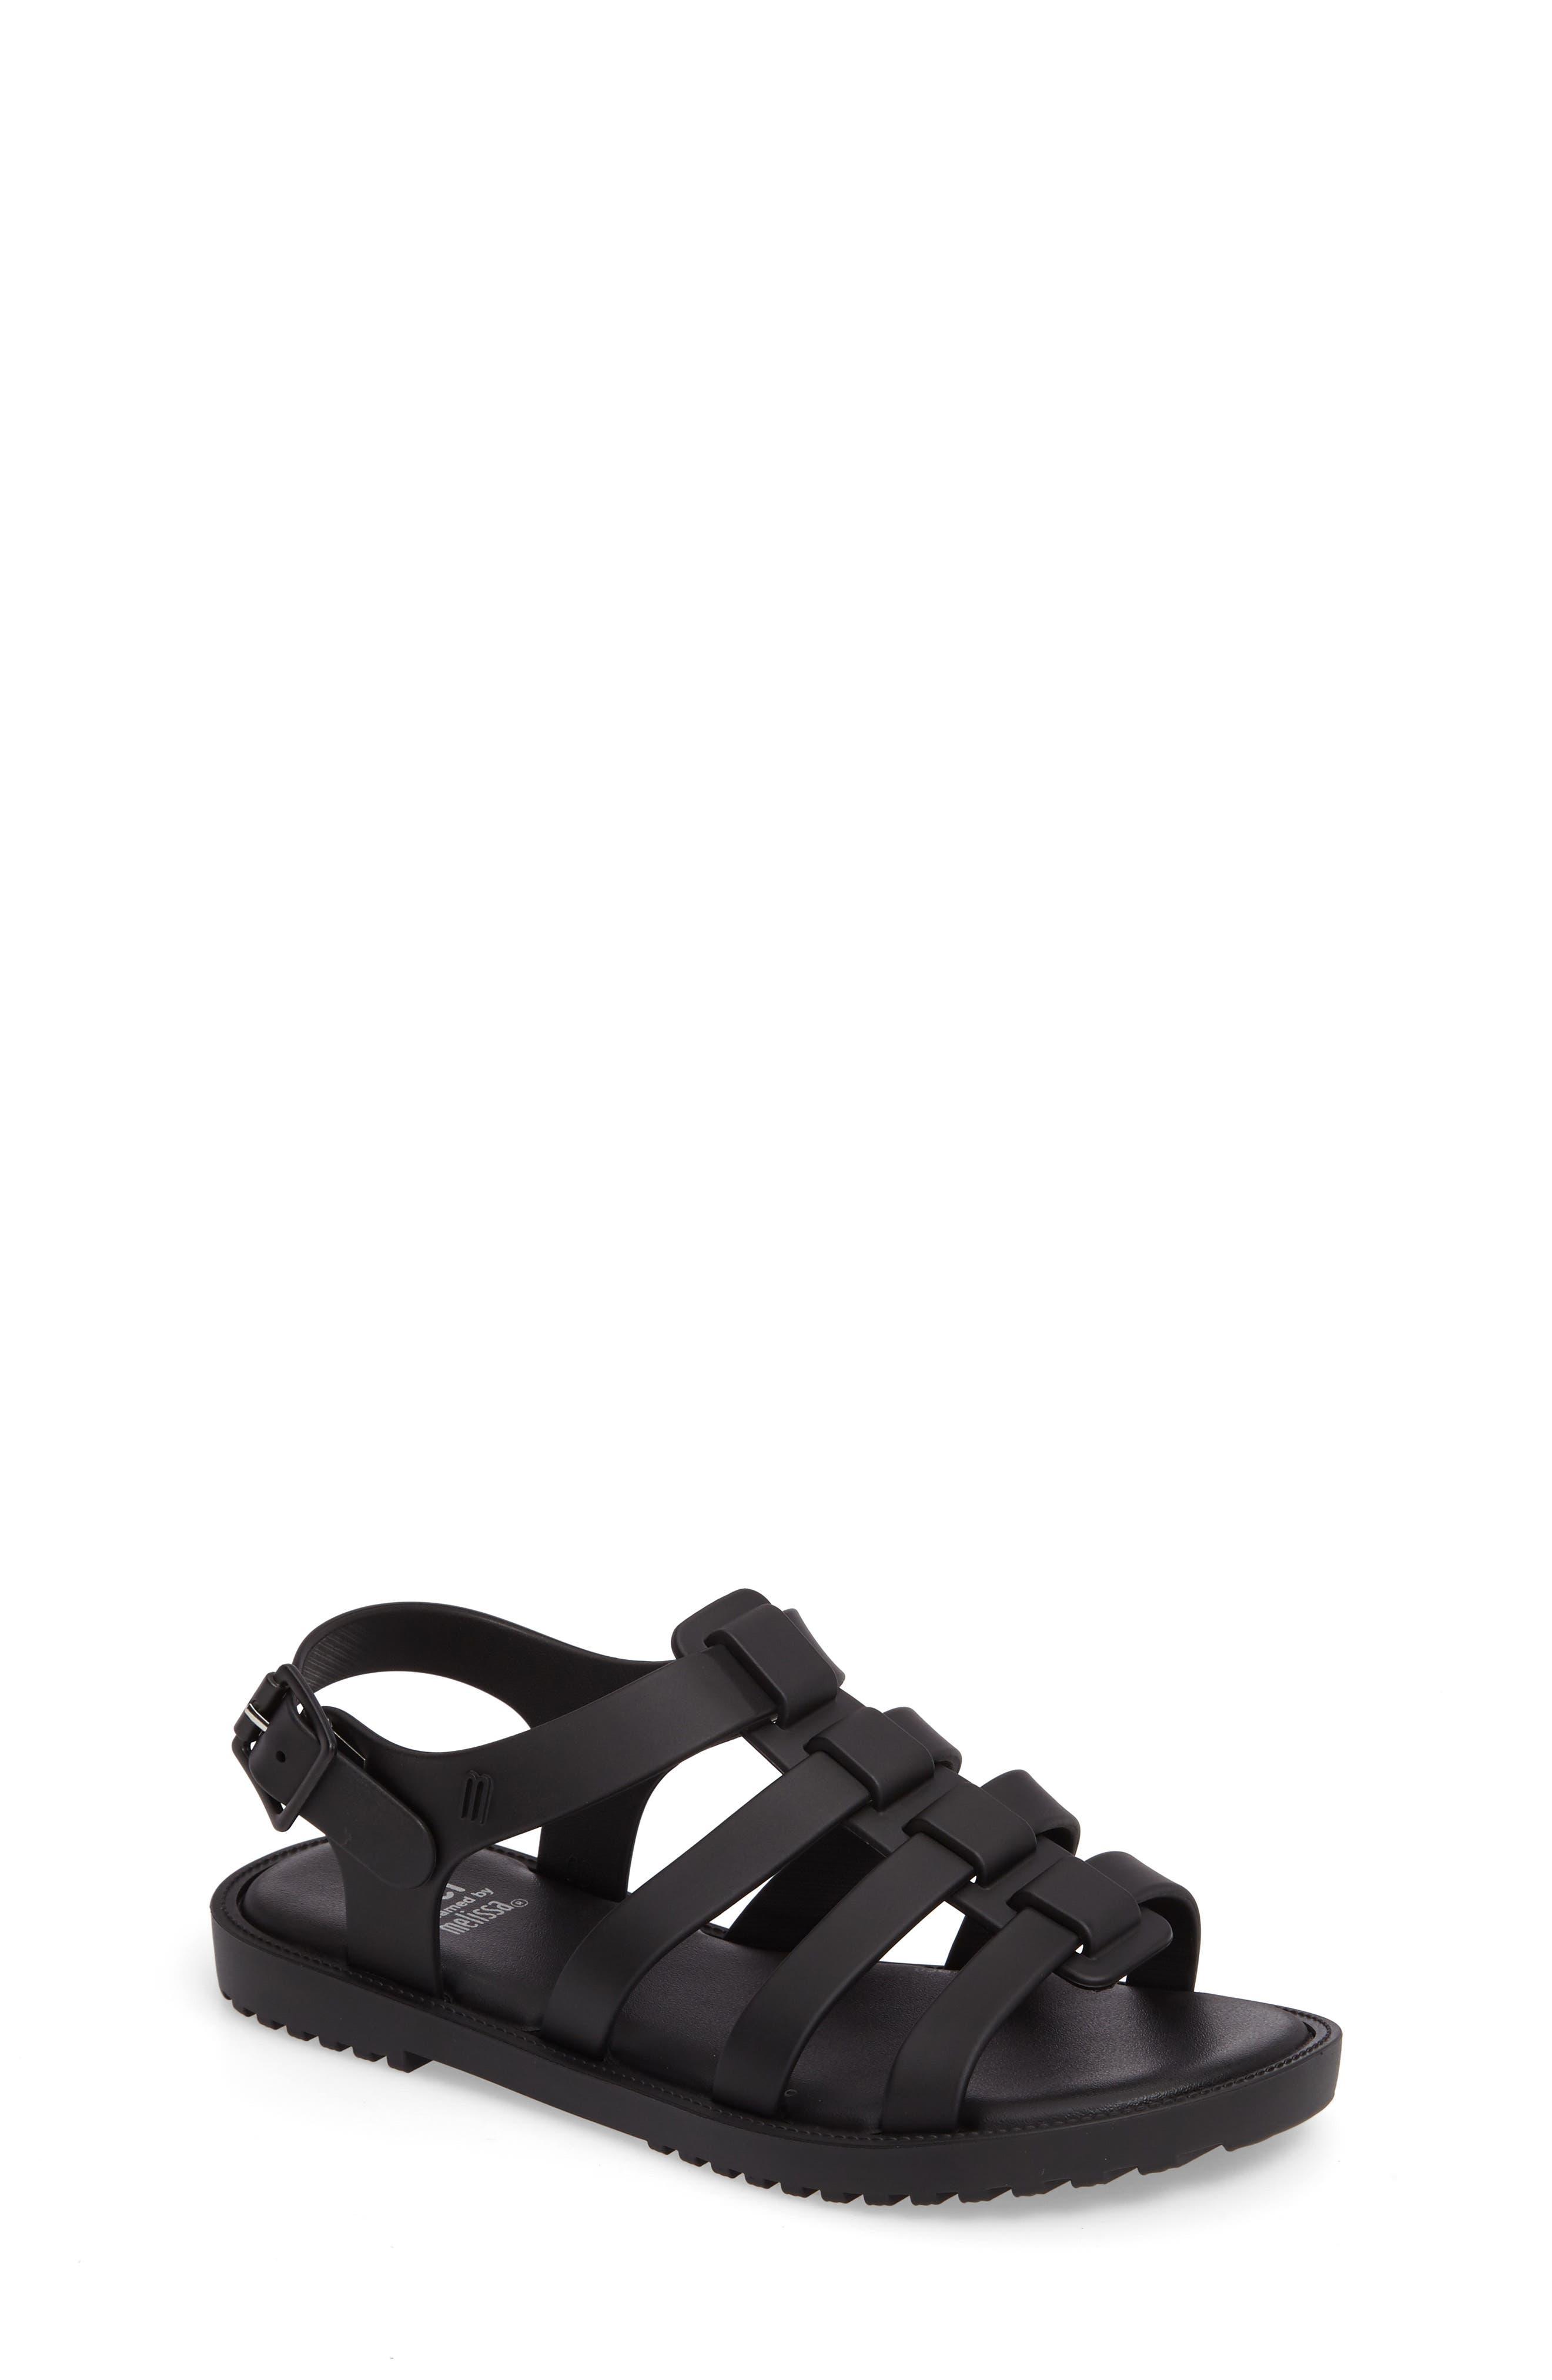 MINI MELISSA Flox Sandal